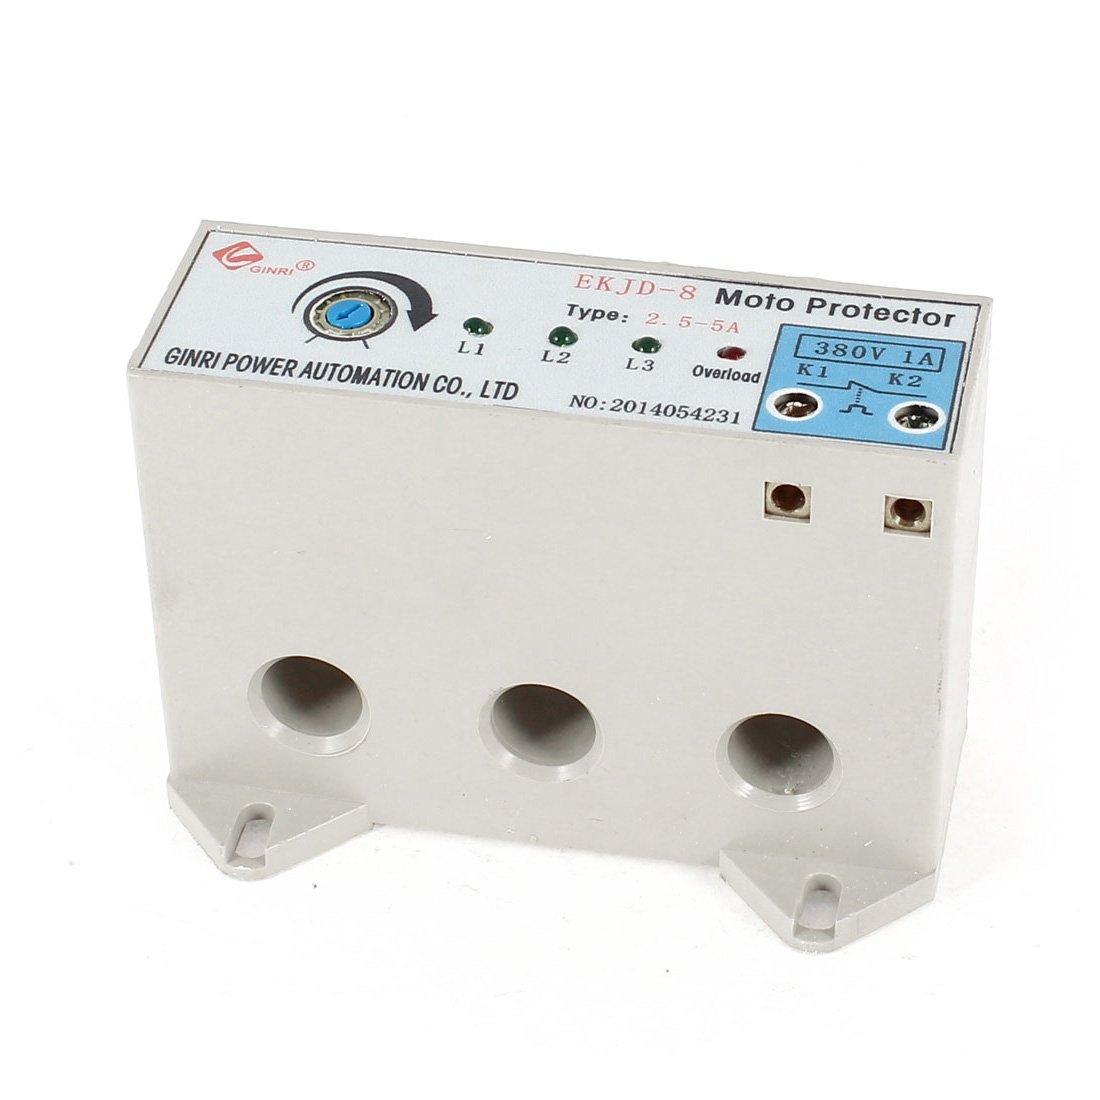 uxcell EKJD-8 3 Phase 2.5-5 Ampere Adjustable Current Motor Circuit Protector AC24-380V